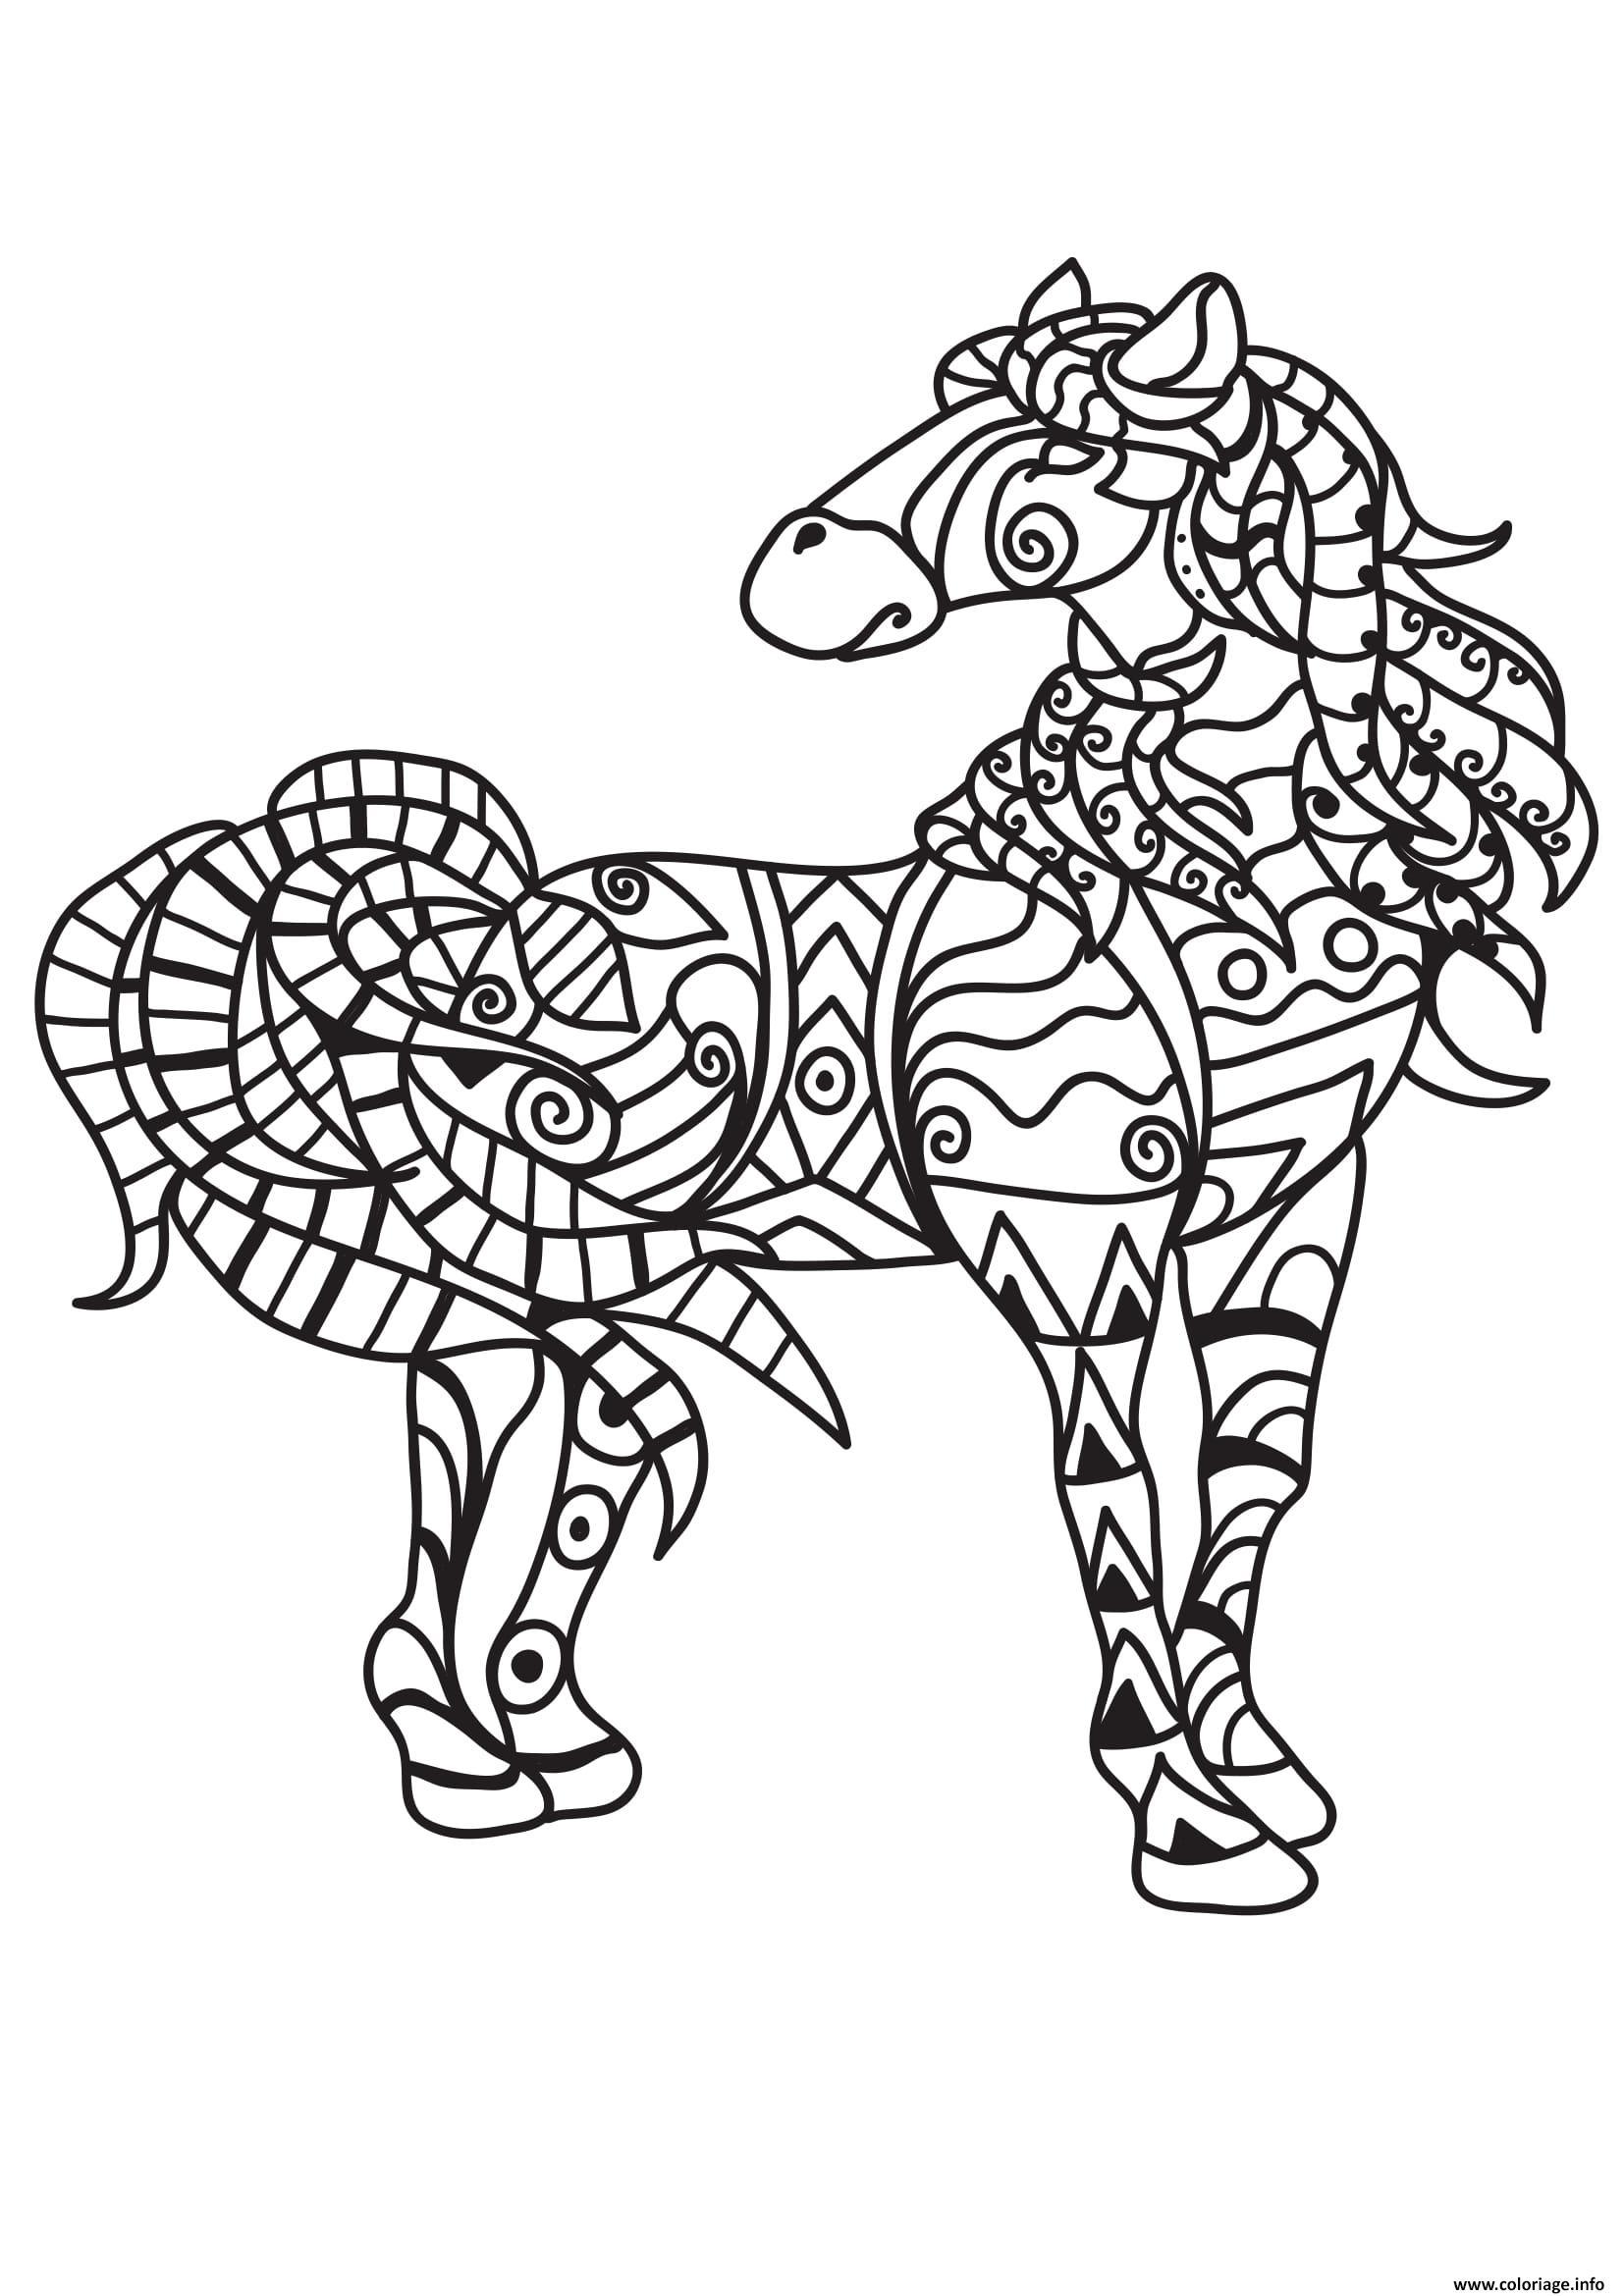 Dessin cheval pour adulte 26 Coloriage Gratuit à Imprimer